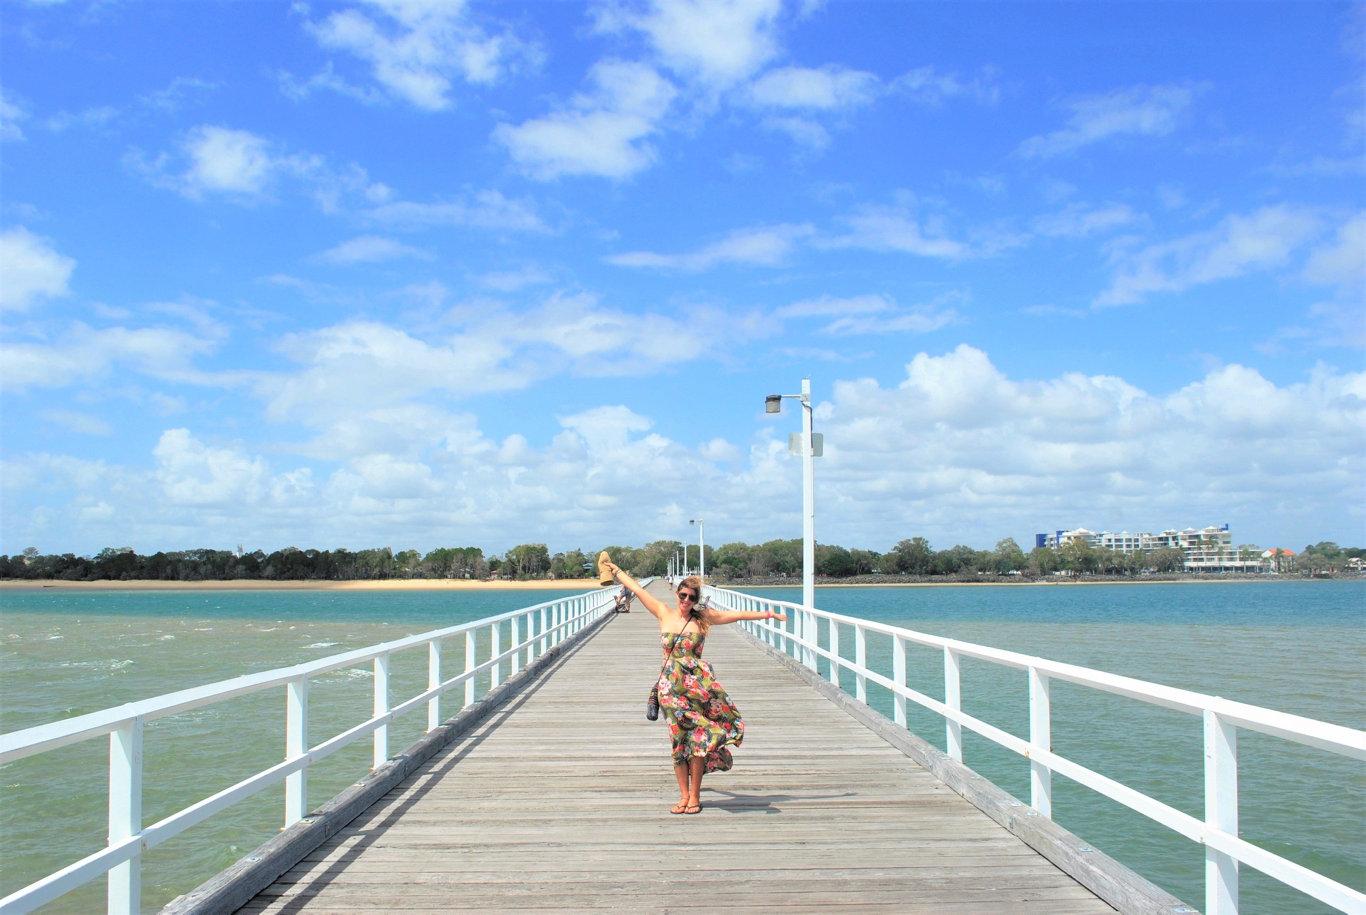 Tina Satchell at Urangan Pier.